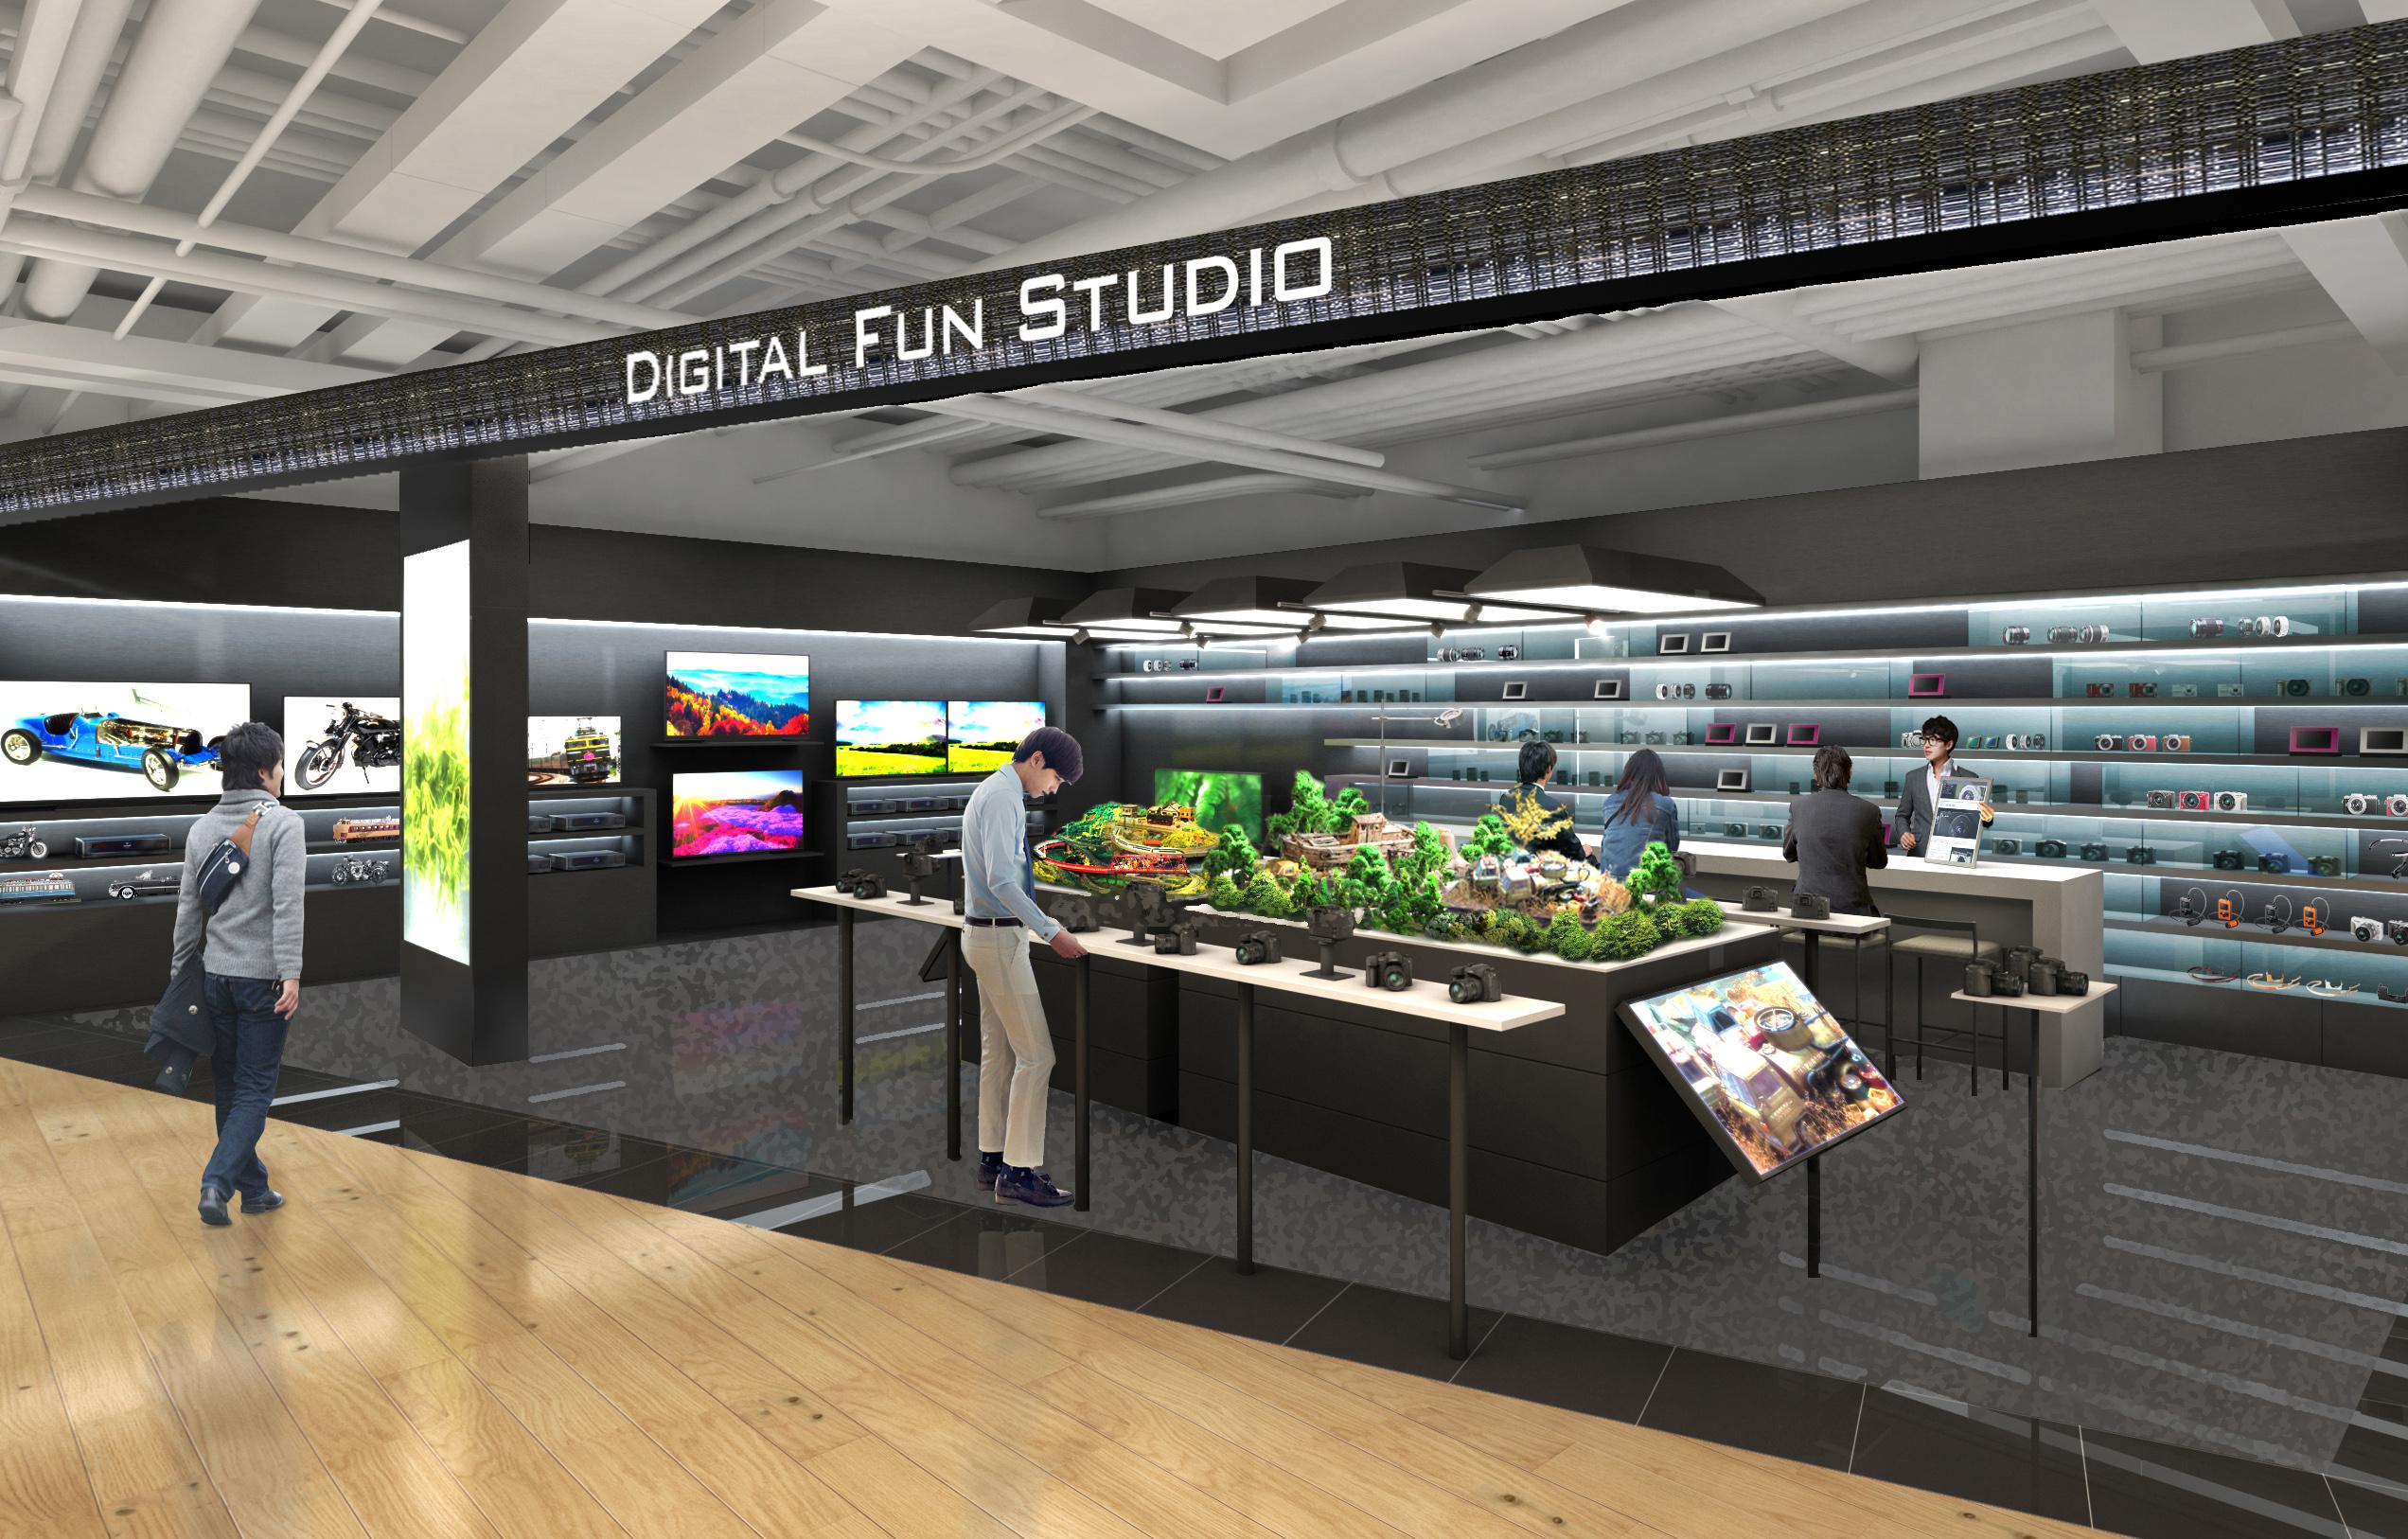 パナソニックセンター大阪 2階「デジタルファンスタジオ」リニューアル!(2015年4月24日)